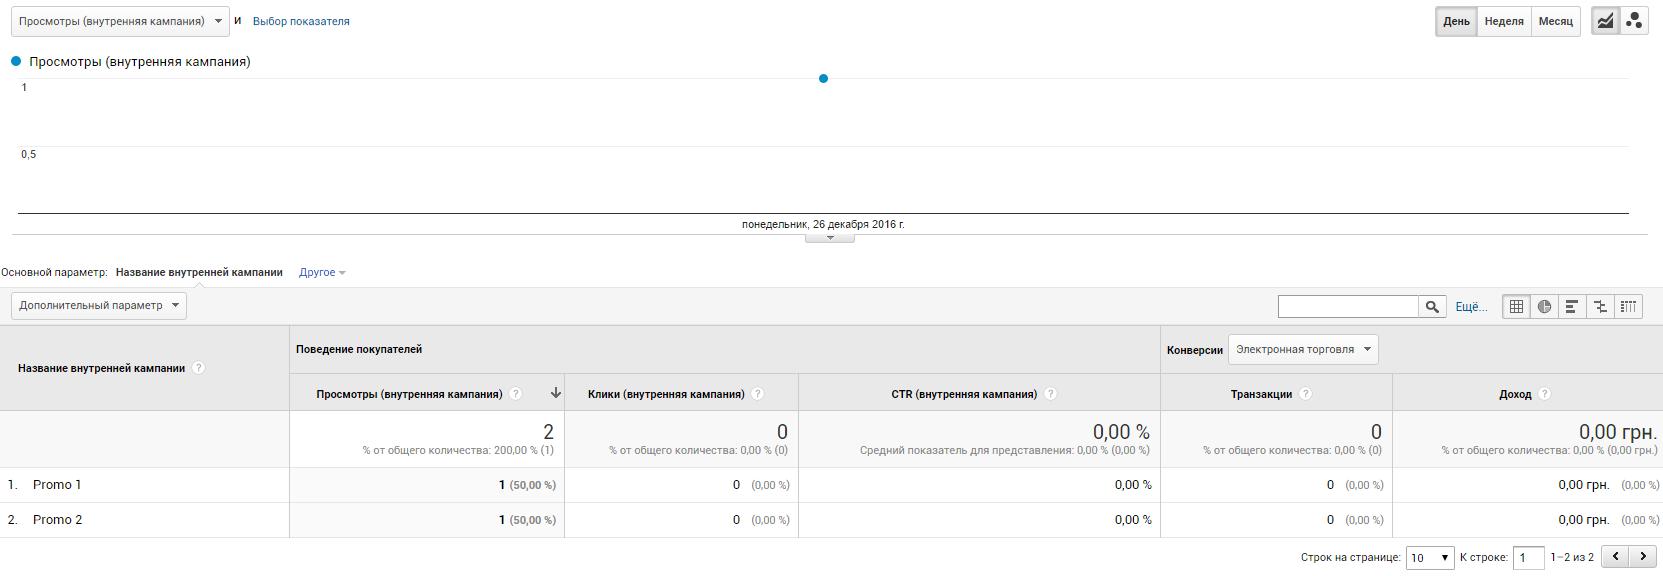 При отправке данных в отчете «Маркетинг» — «Внутренняя кампания» получим данные по просмотрам баннеров в разрезе внутренних кампаний